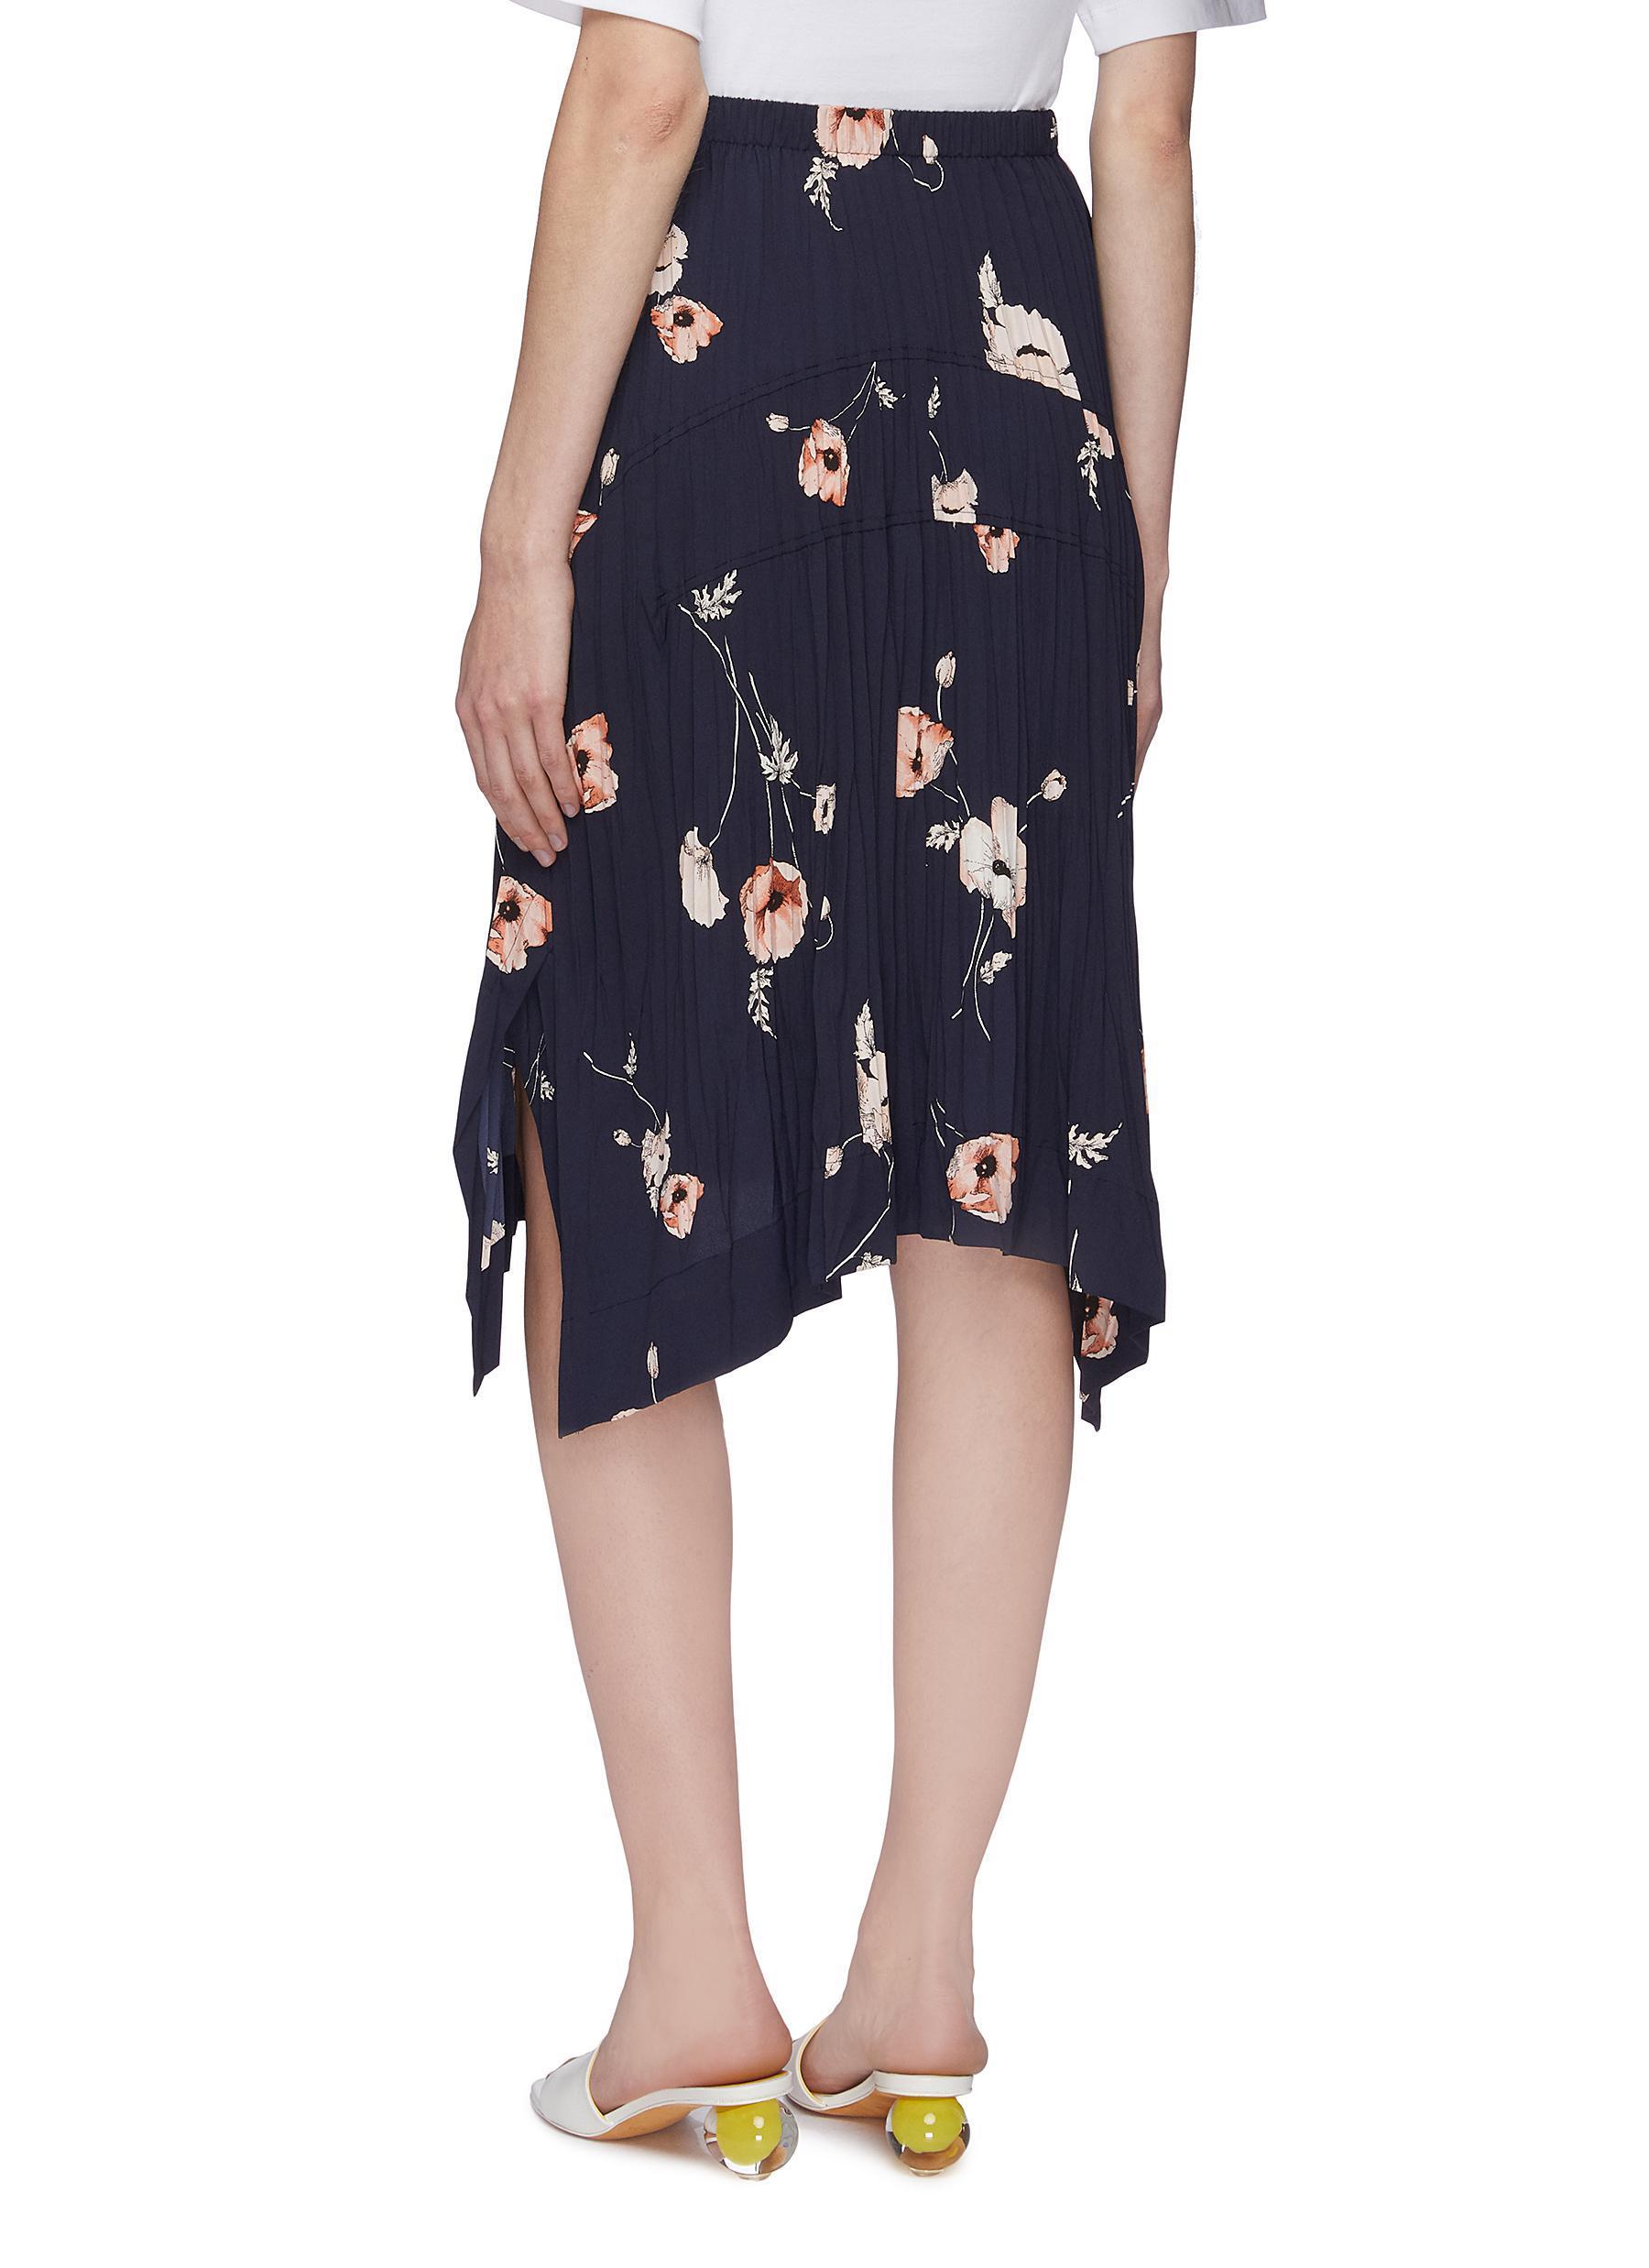 494b0f2099f0 ... Poppy Print Pleated Midi Skirt - Lyst. View fullscreen